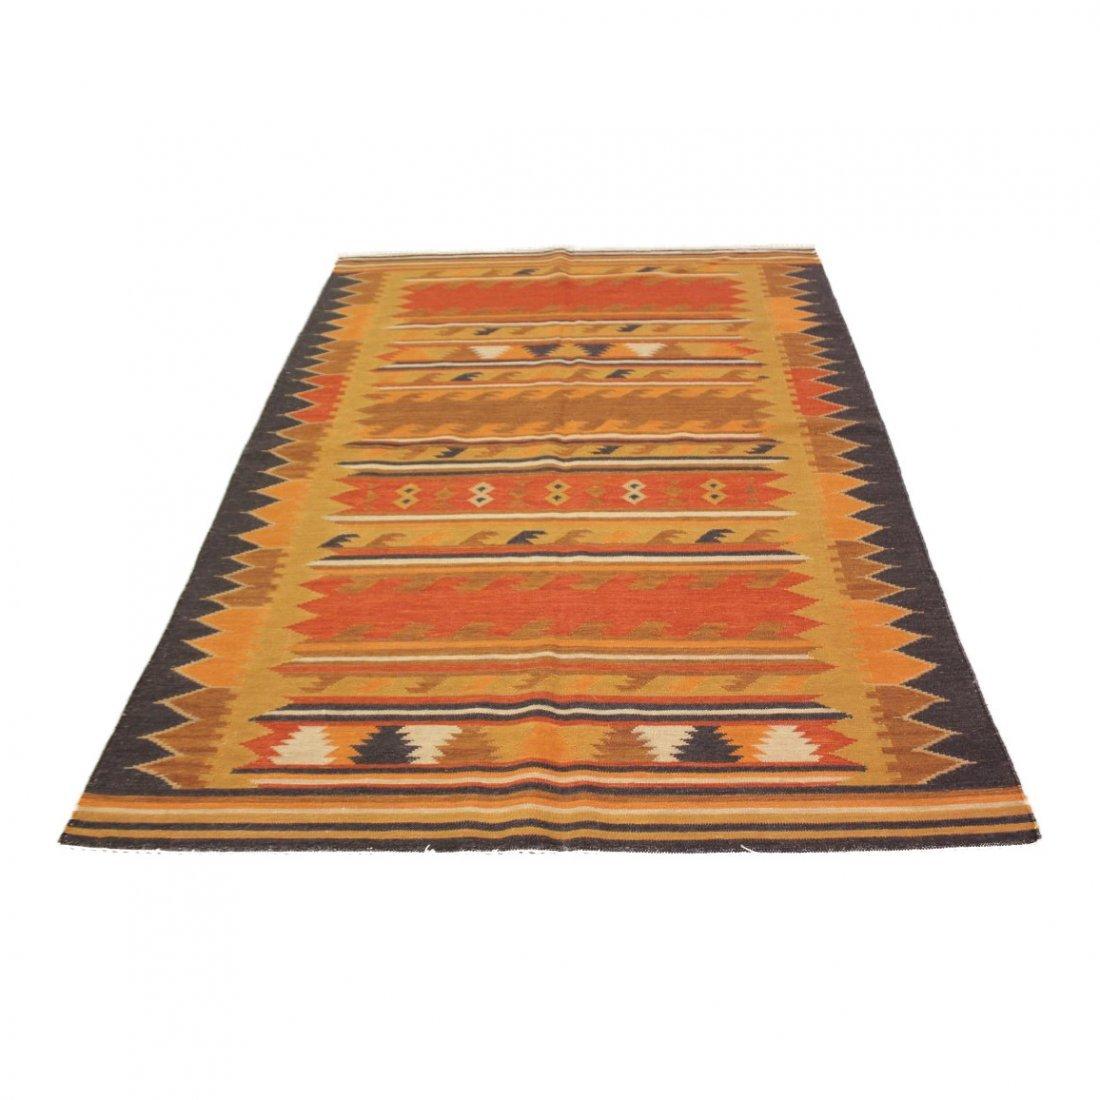 Handmade Flat Weave Kilim Rug 5.6x8